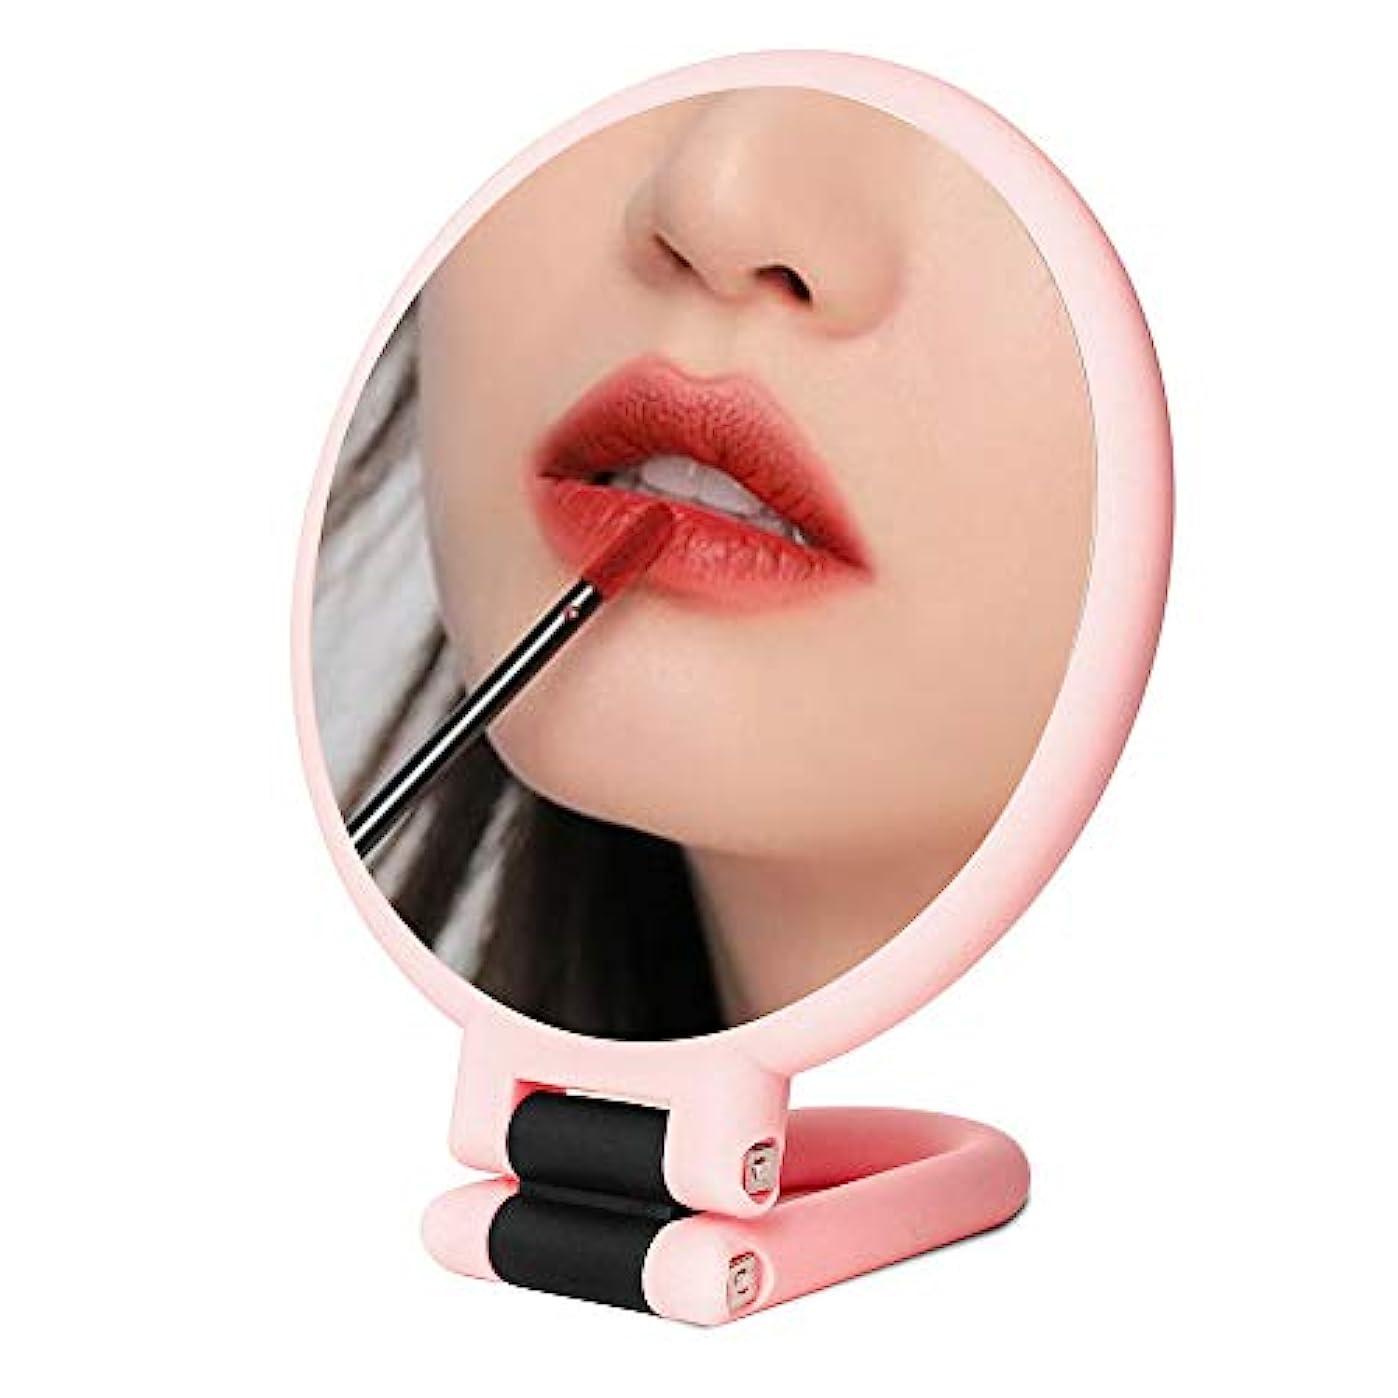 区モート彼女の手鏡 拡大鏡 折りたたみ式 両面鏡 化粧鏡 メイクアップミラー 15倍拡大 高精細 「ピンク」